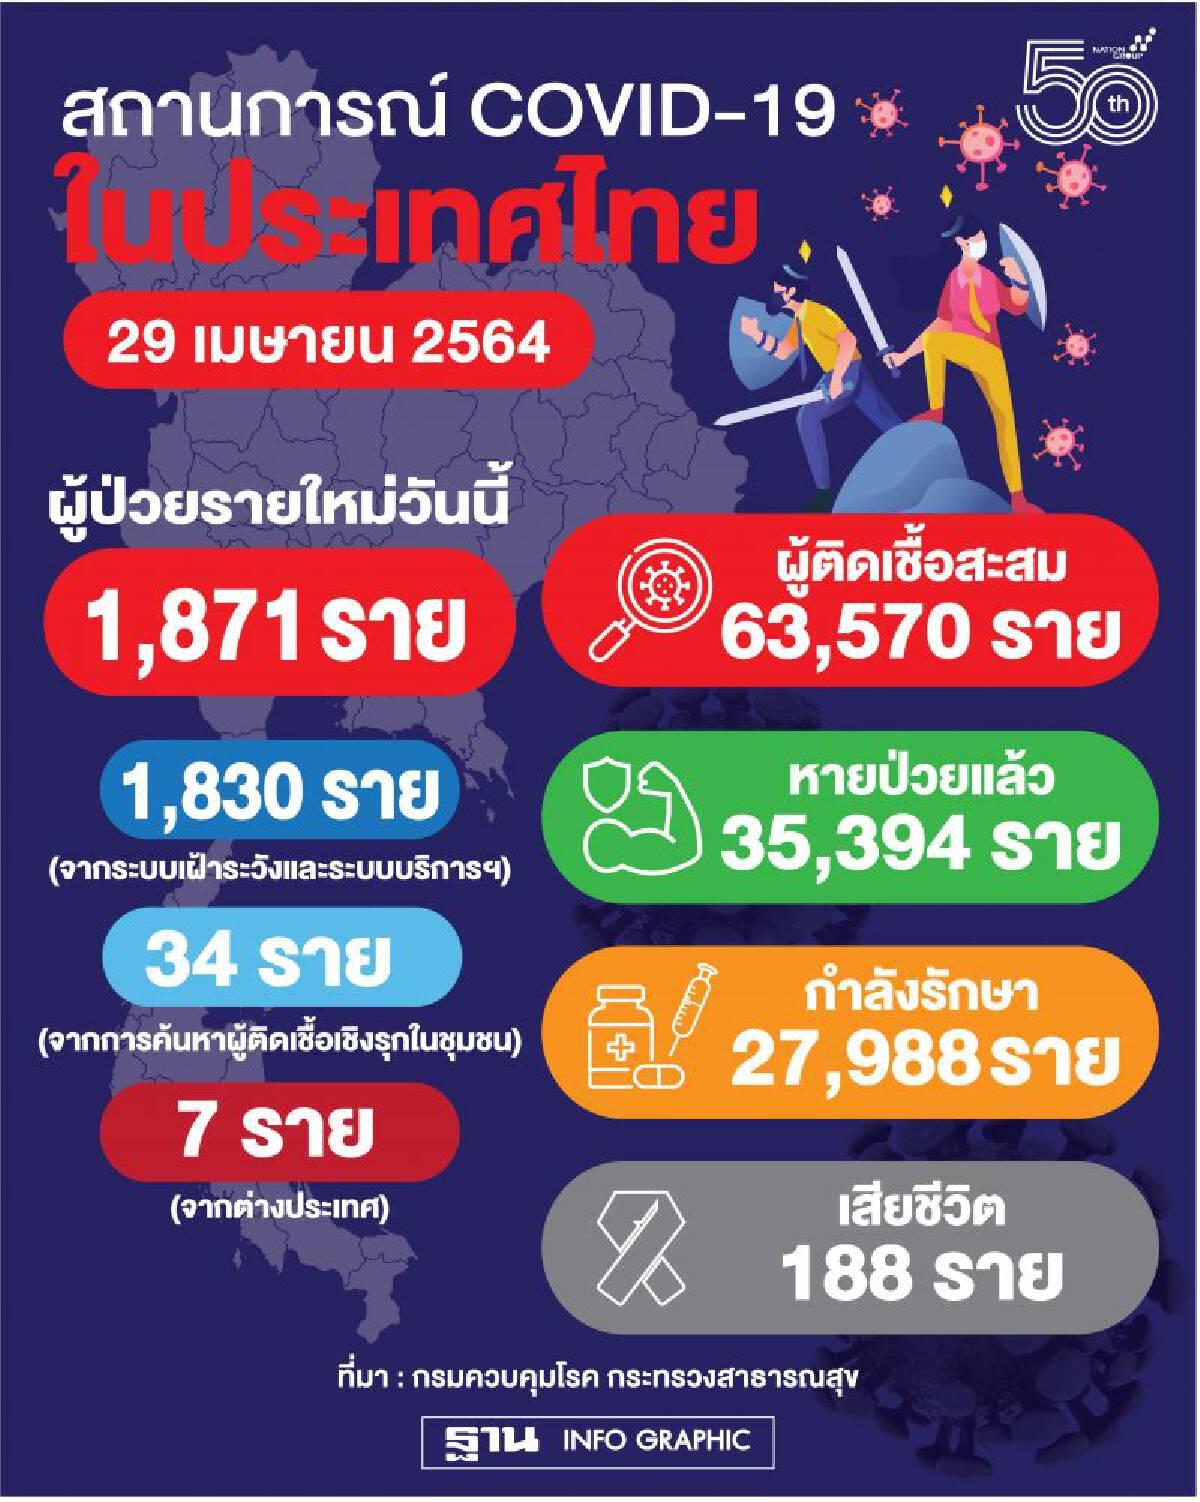 ยอด 'โควิด-19' วันนี้ พบติดเชื้อใหม่ 1,871 ราย เสียชีวิตเพิ่มอีก 10 ราย